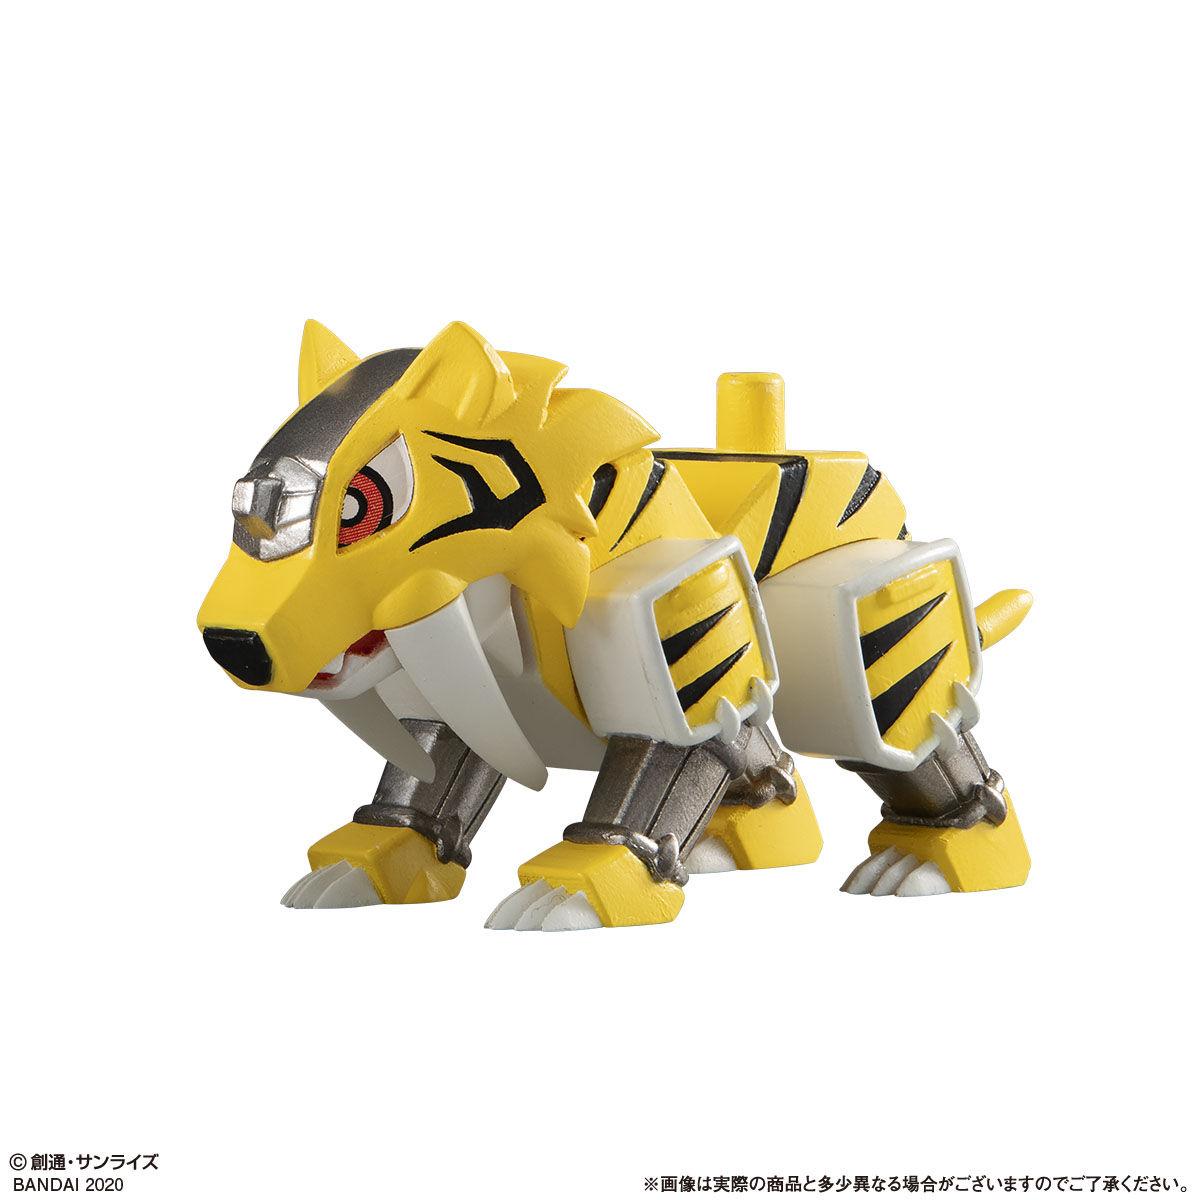 【限定販売】ガシャポン戦士f  EX07『将頑駄無』SD戦国伝  デフォルメ可動フィギュア-002